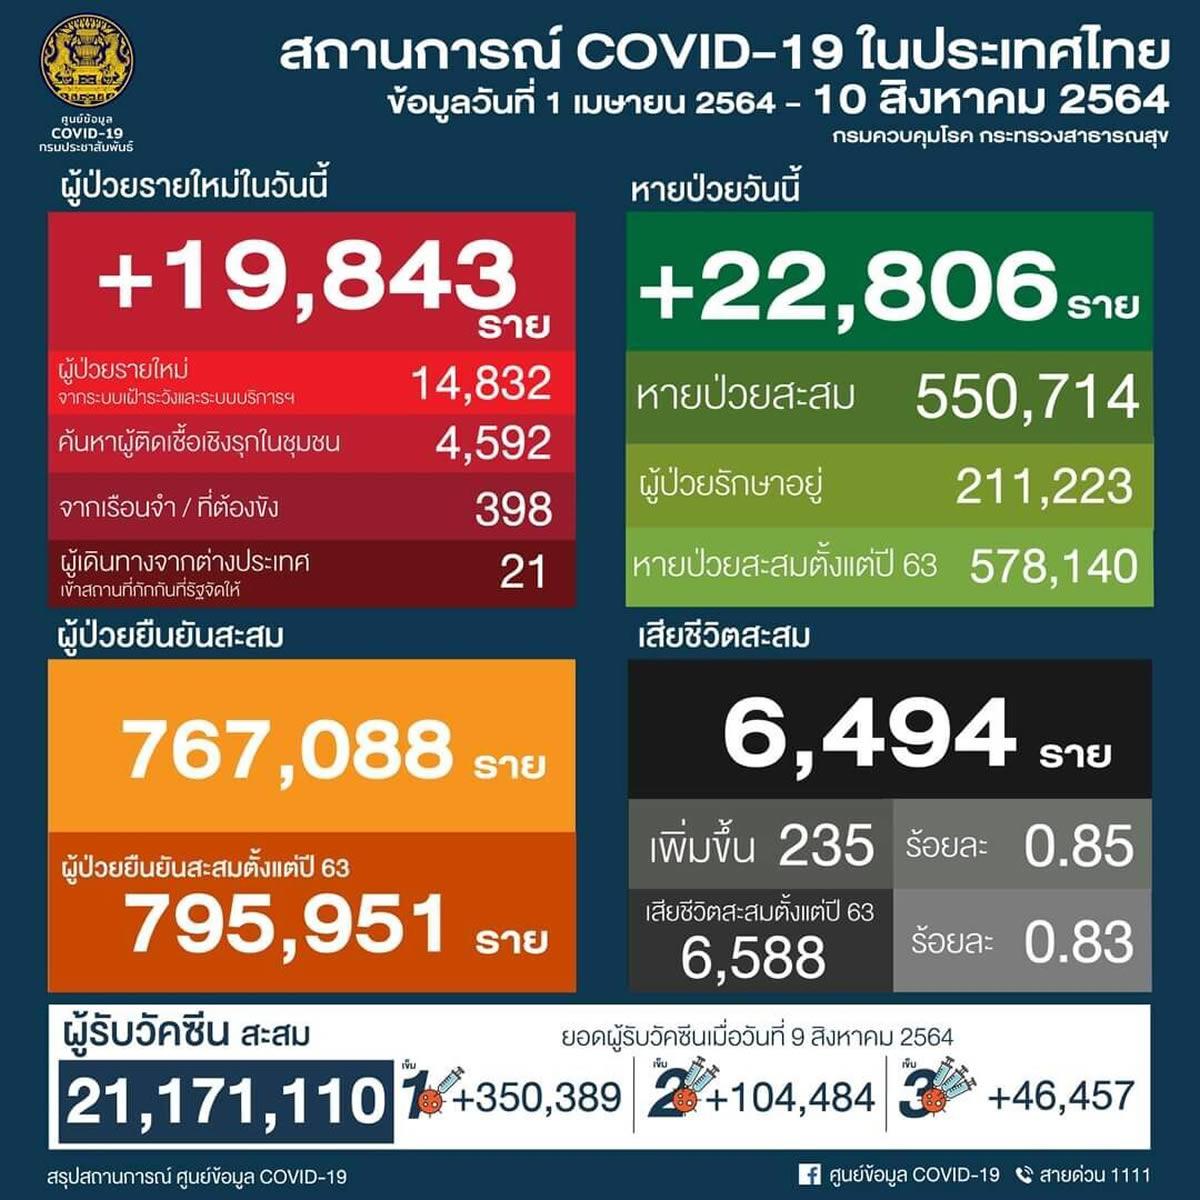 タイ19,843人陽性 235人死亡/バンコク4,226人陽性 111人死亡[2021年8月10日発表]